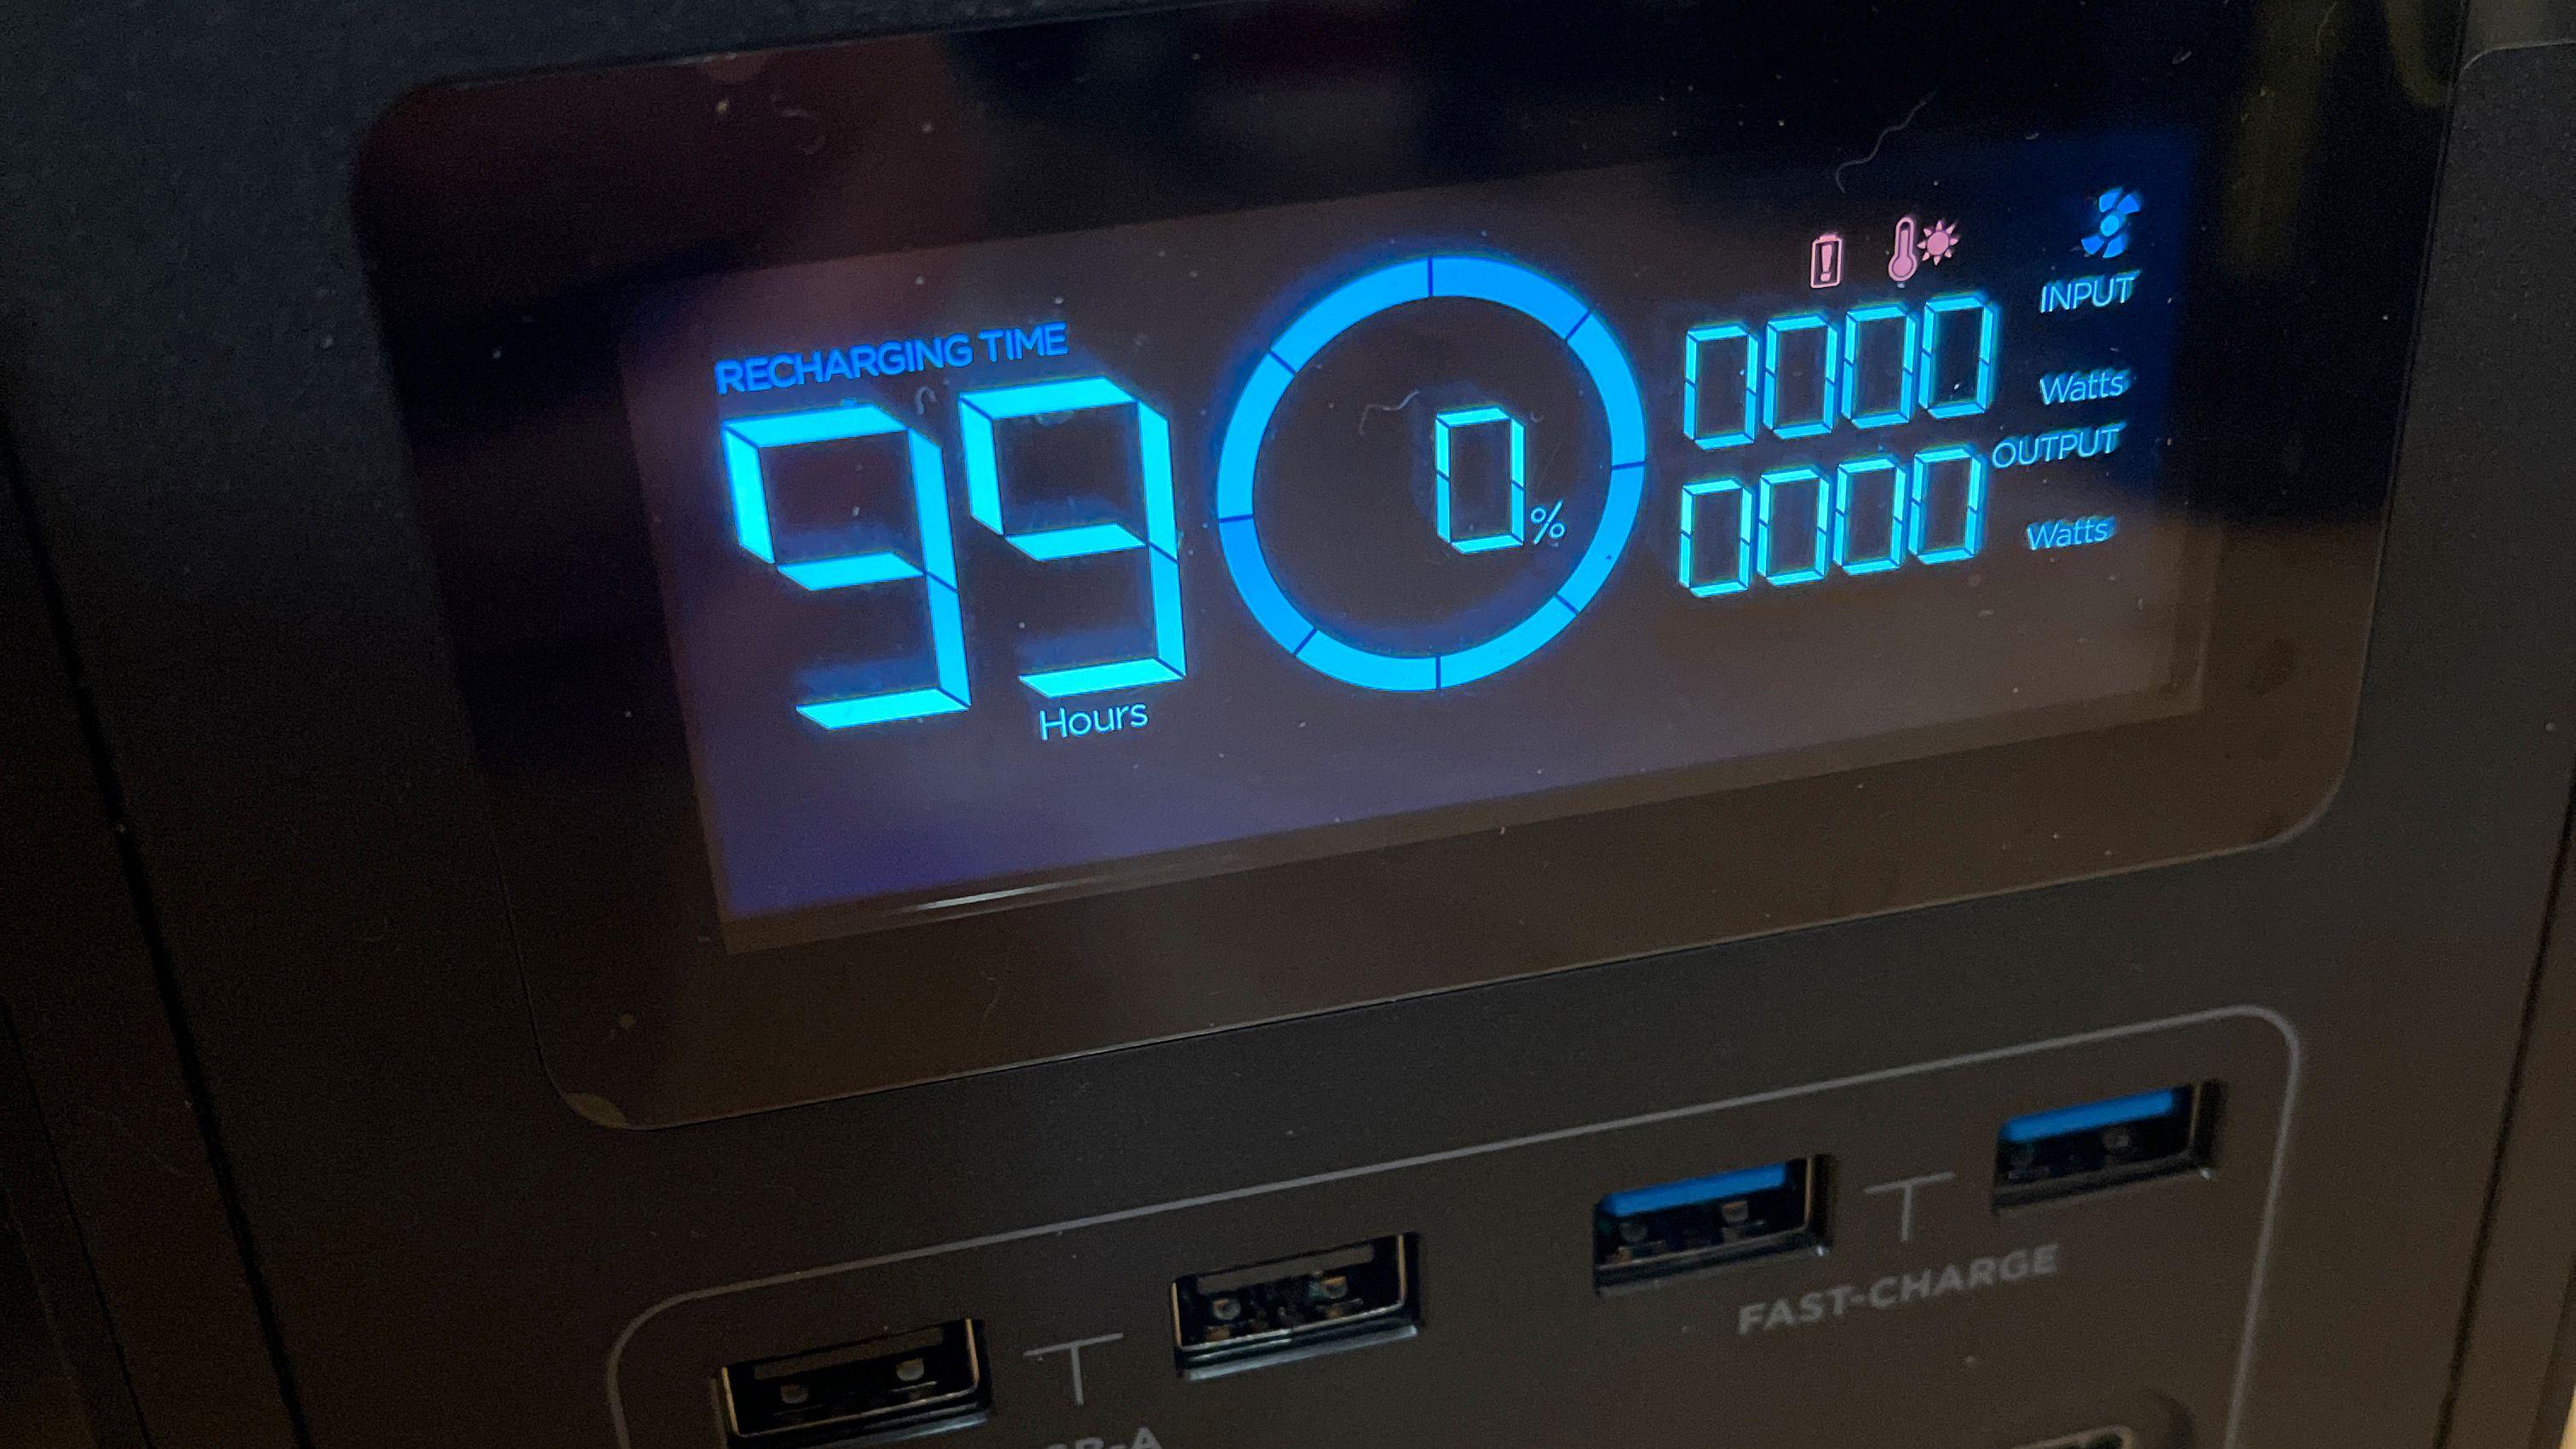 Det går raskt å lade EcoFlow Delta 1300, men det kan ta lenger tid hvis boksen er enten for kald eller for varm. Produsenten avbefaler sterkt å lade den rett etter at den er tømt med tung last, og skriver at den bør få hvile et par timer for sikkerhets skyld. Men boksen er beskyttet også mot temperaturproblemer, og de røde ikonene blinker mens viftene jobber for å klargjøre batteriet for ny lading.